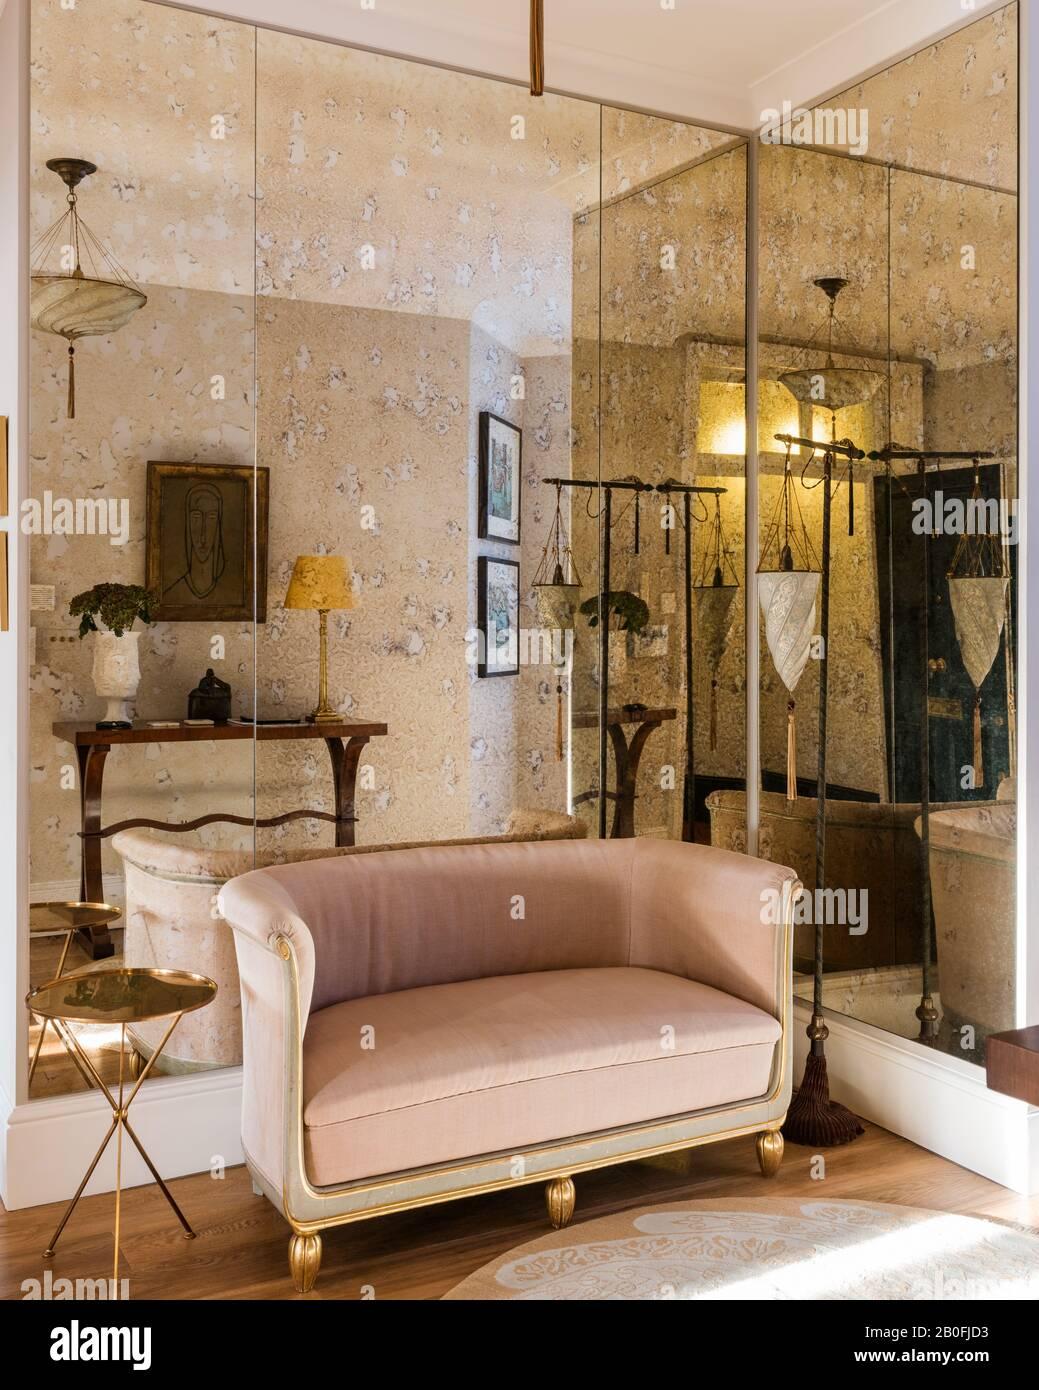 Gespiegelte Wand mit französischem Zweisitzer-Sofa, das in rosafarbenem samt bezogen ist. Stockfoto